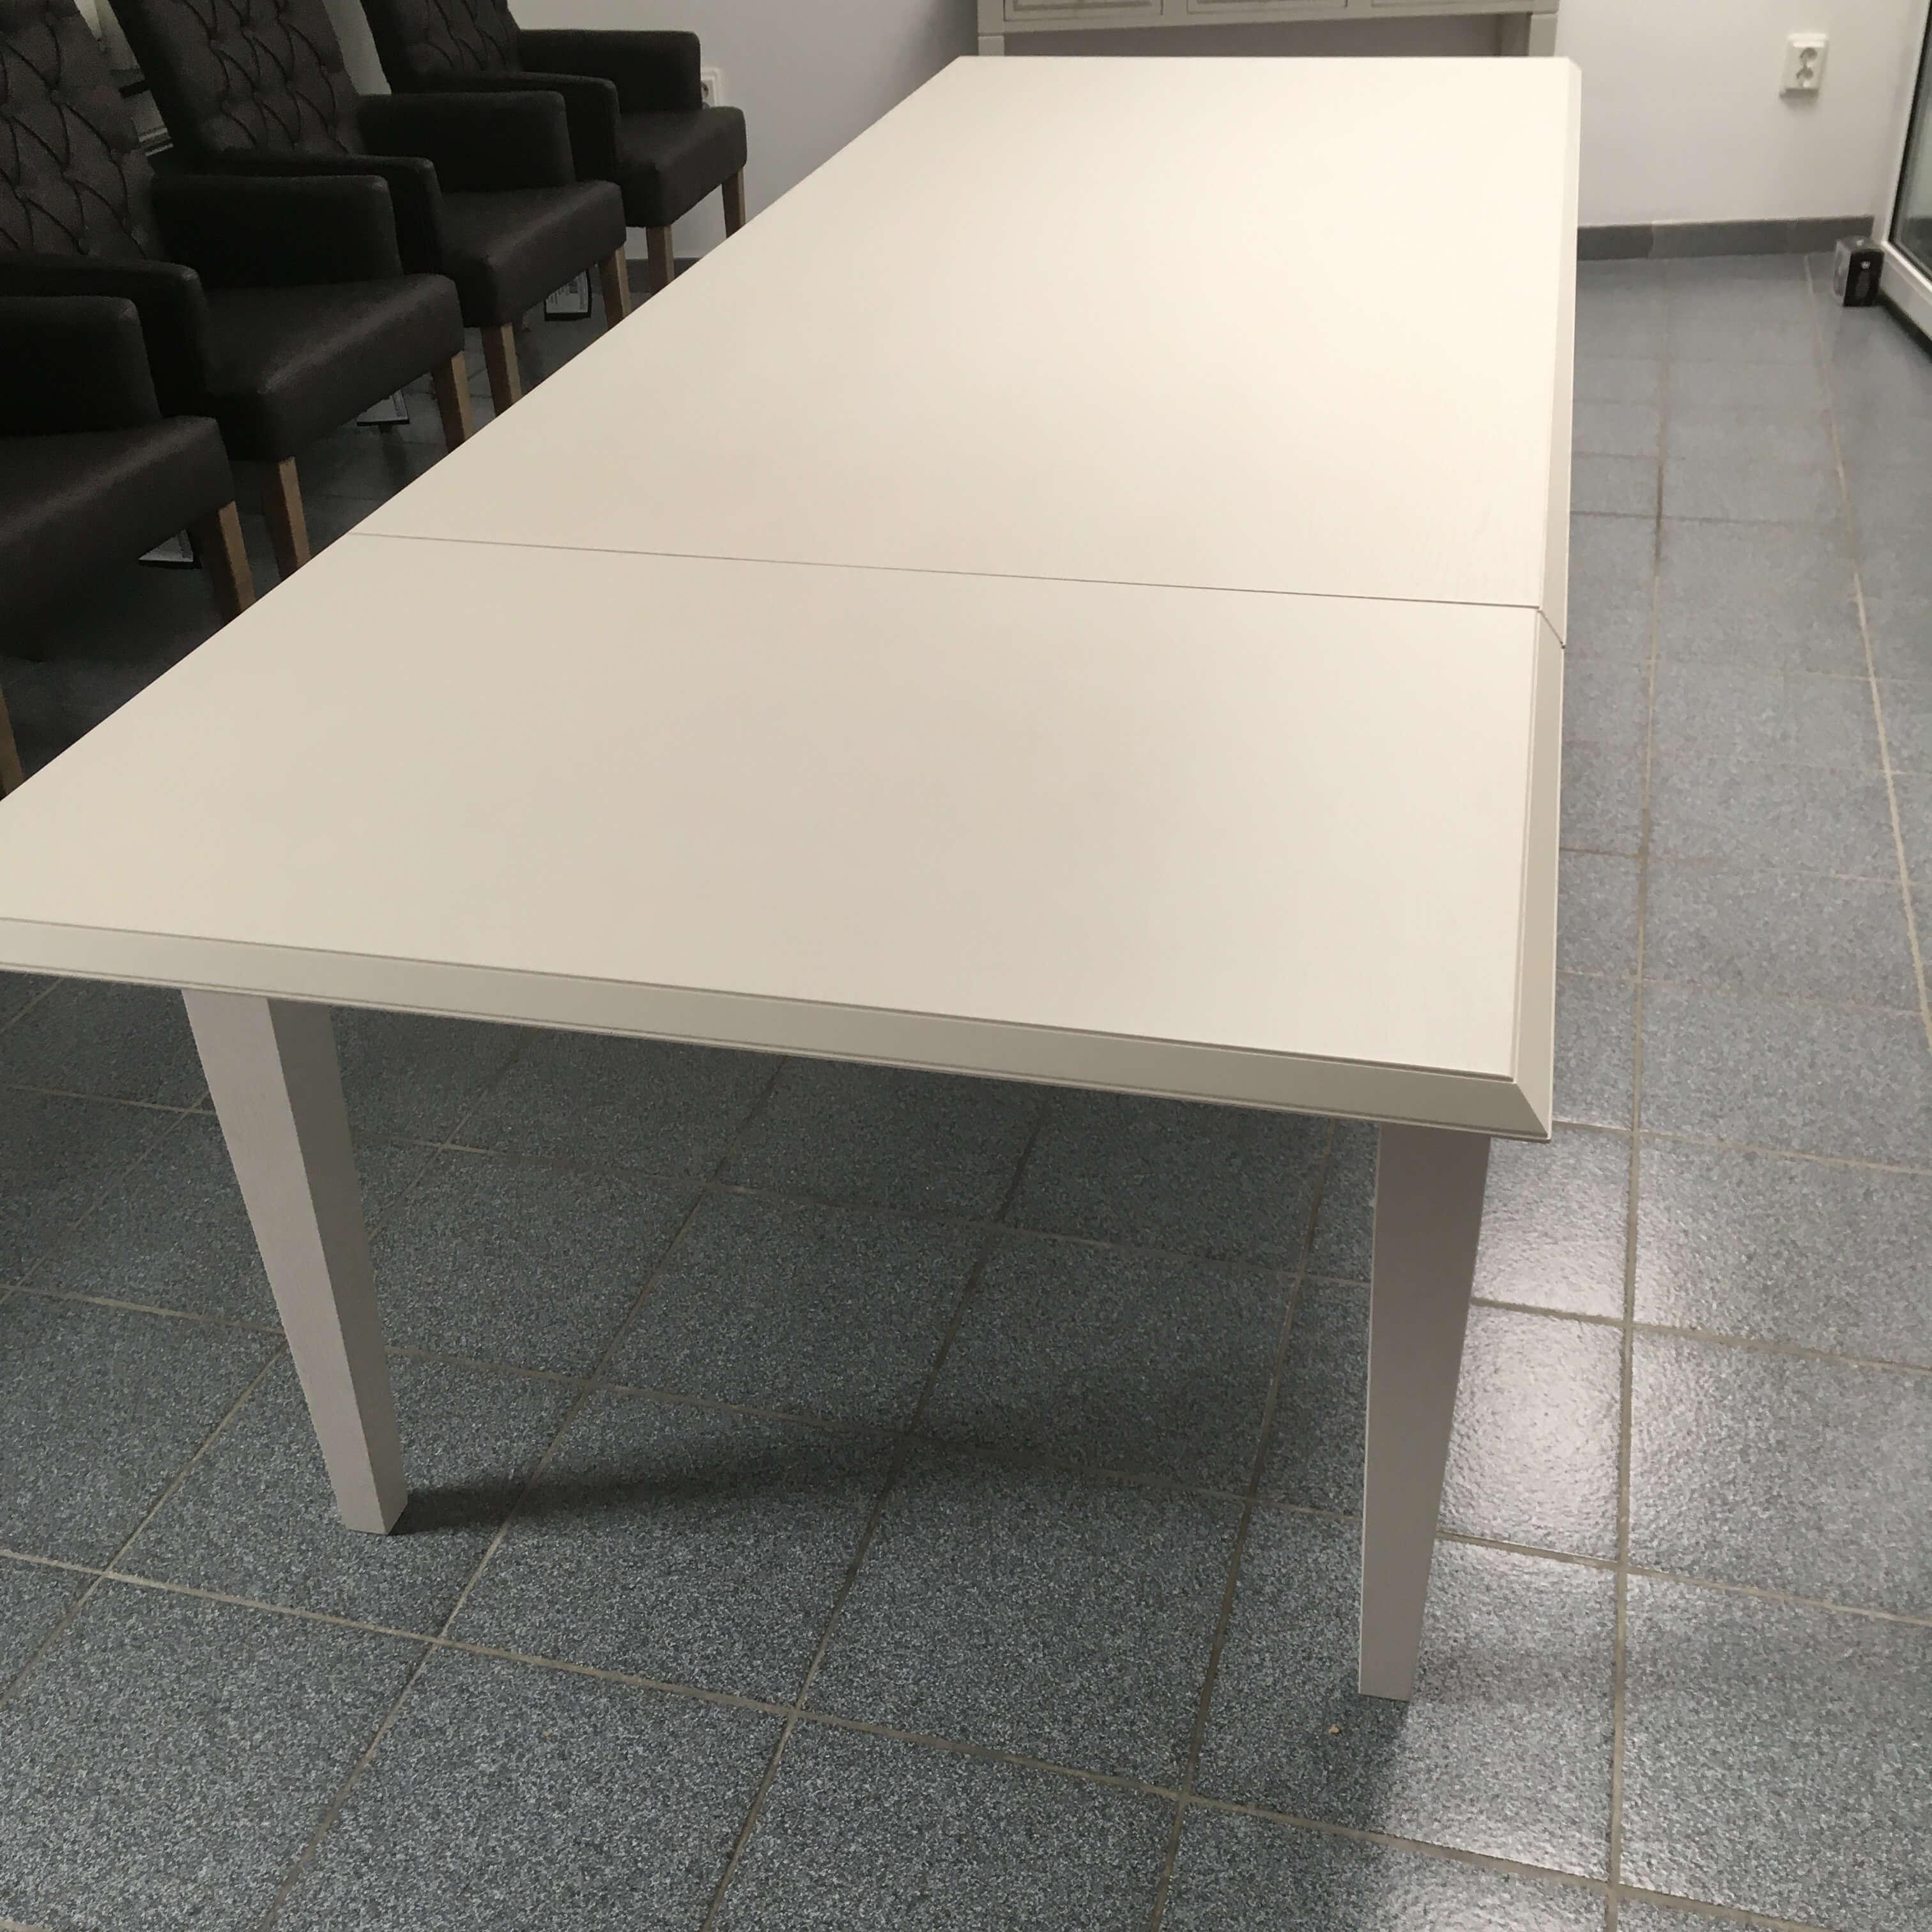 landelijke tafel met 1 verlengstuk uittrekbaar in eik en diverse kleuren beschikbaar